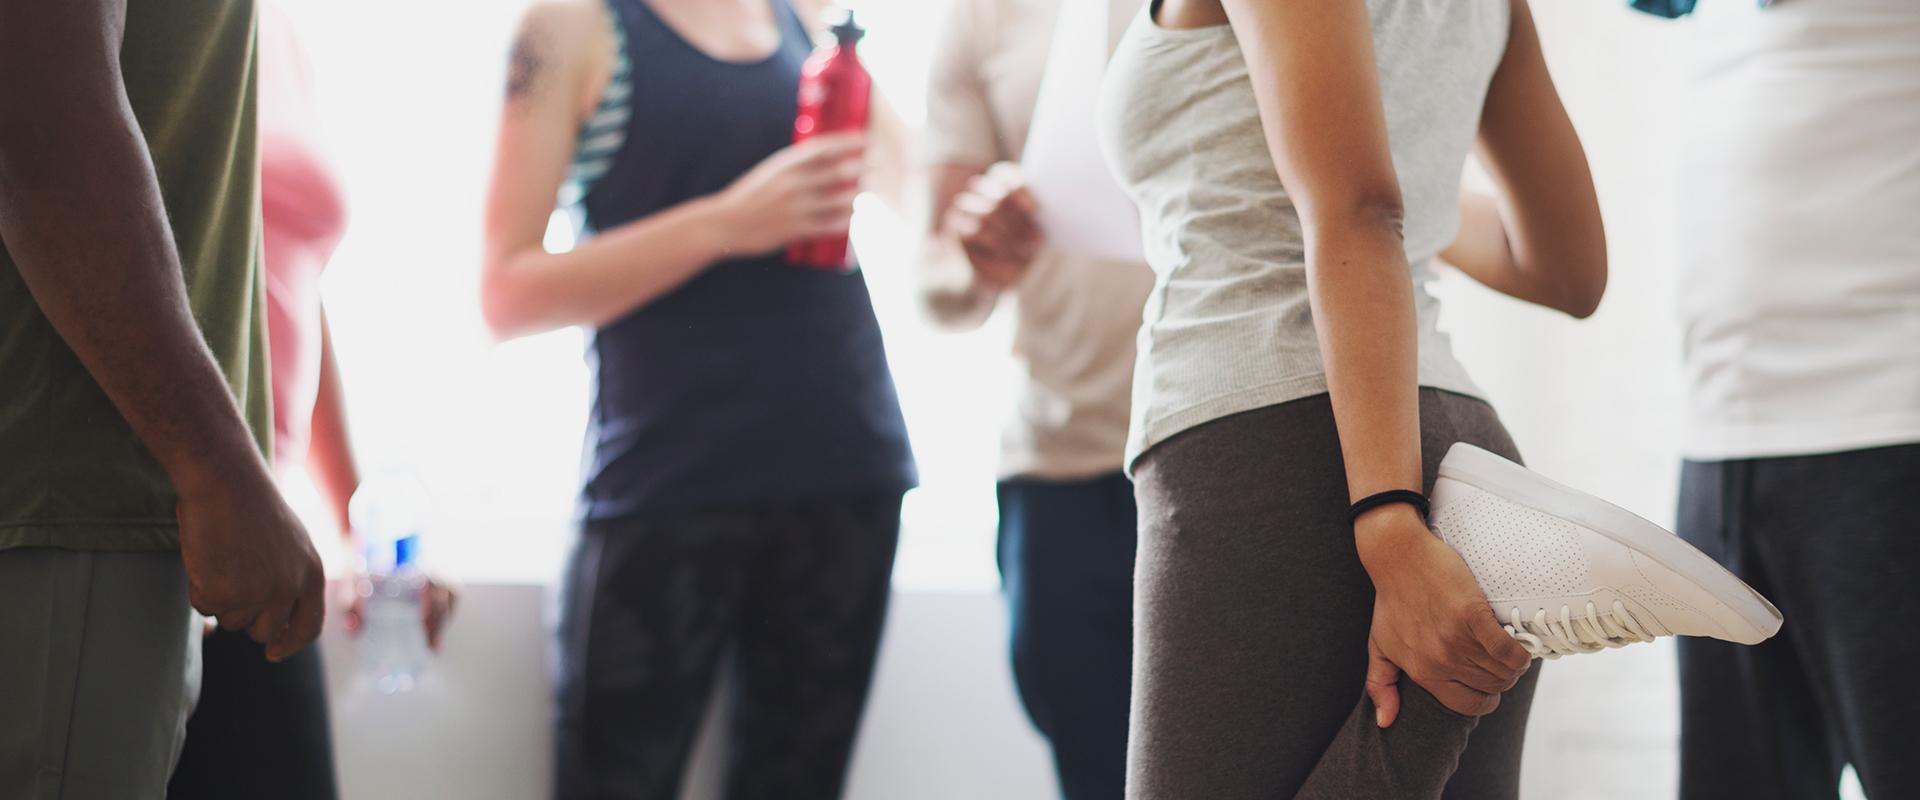 Fomenta la salud en tu empresa con Club Business